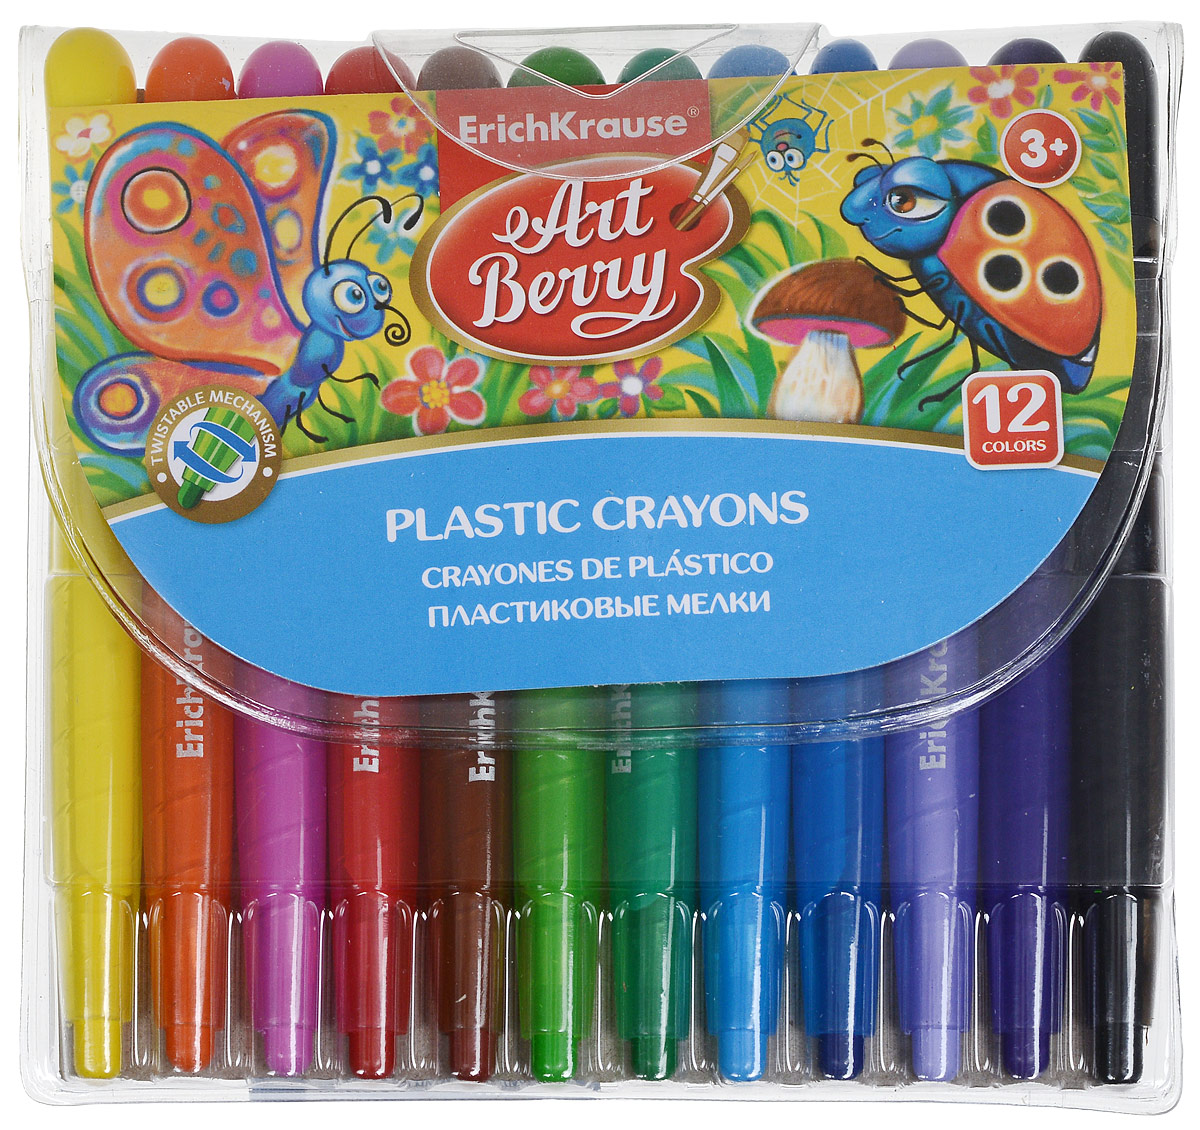 Erich Krause Мелки выкручивающиеся Art Berry 12 цветов -  Мелки и пастель